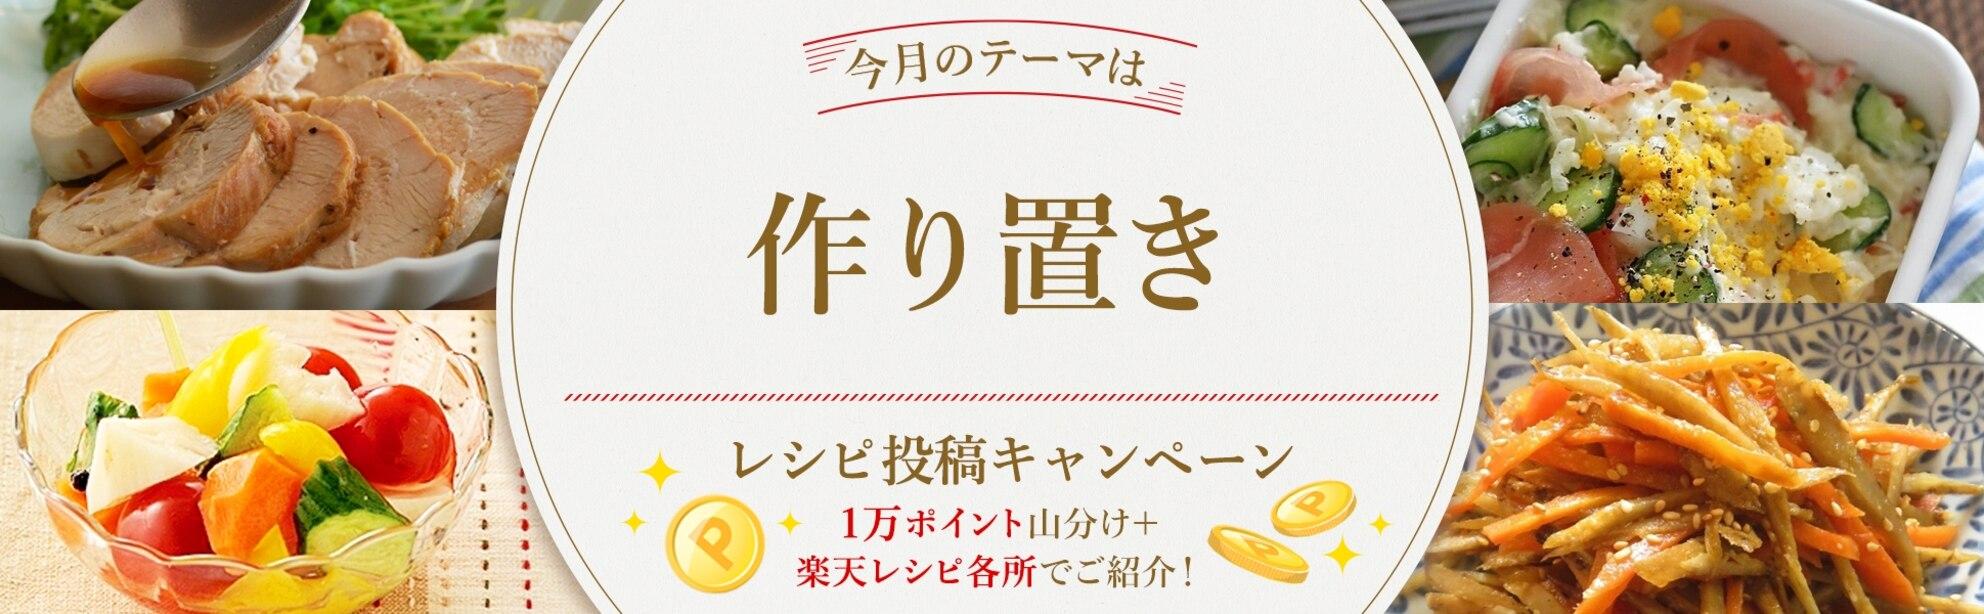 【毎月開催!】自慢のレシピ大募集♪<今月のテーマは「作り置き」!>